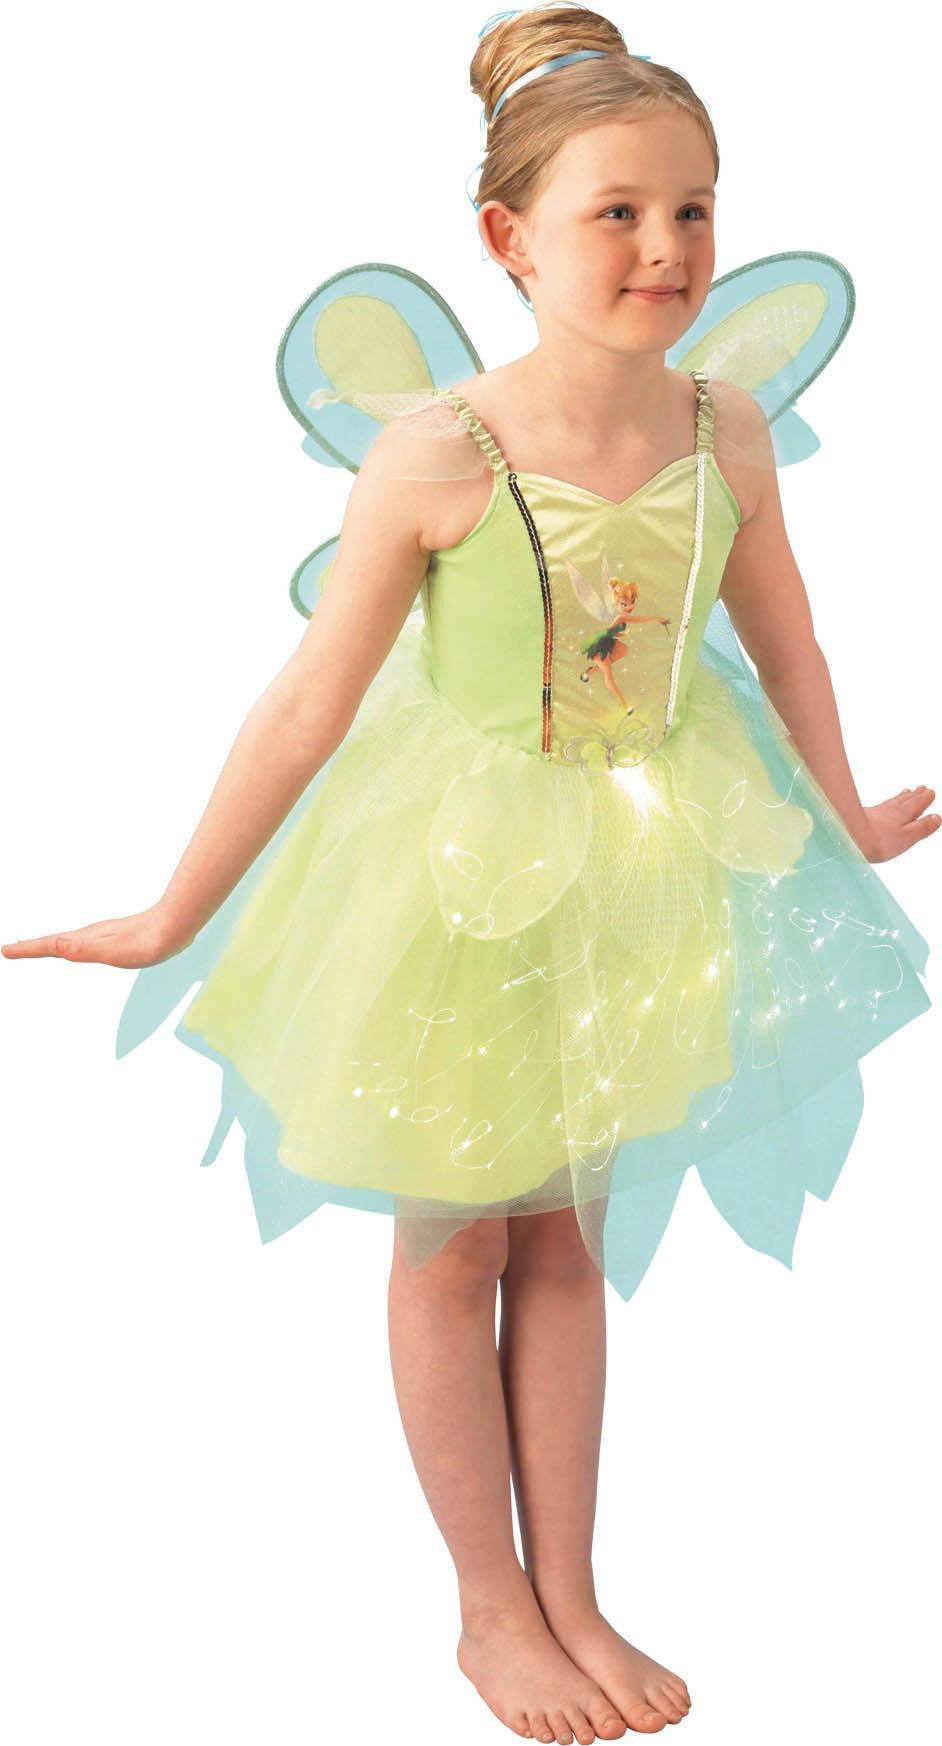 eb68406e6f4 Klokkeblomst kostume til piger, køb Kostumer til børn på Vegaoo.dk